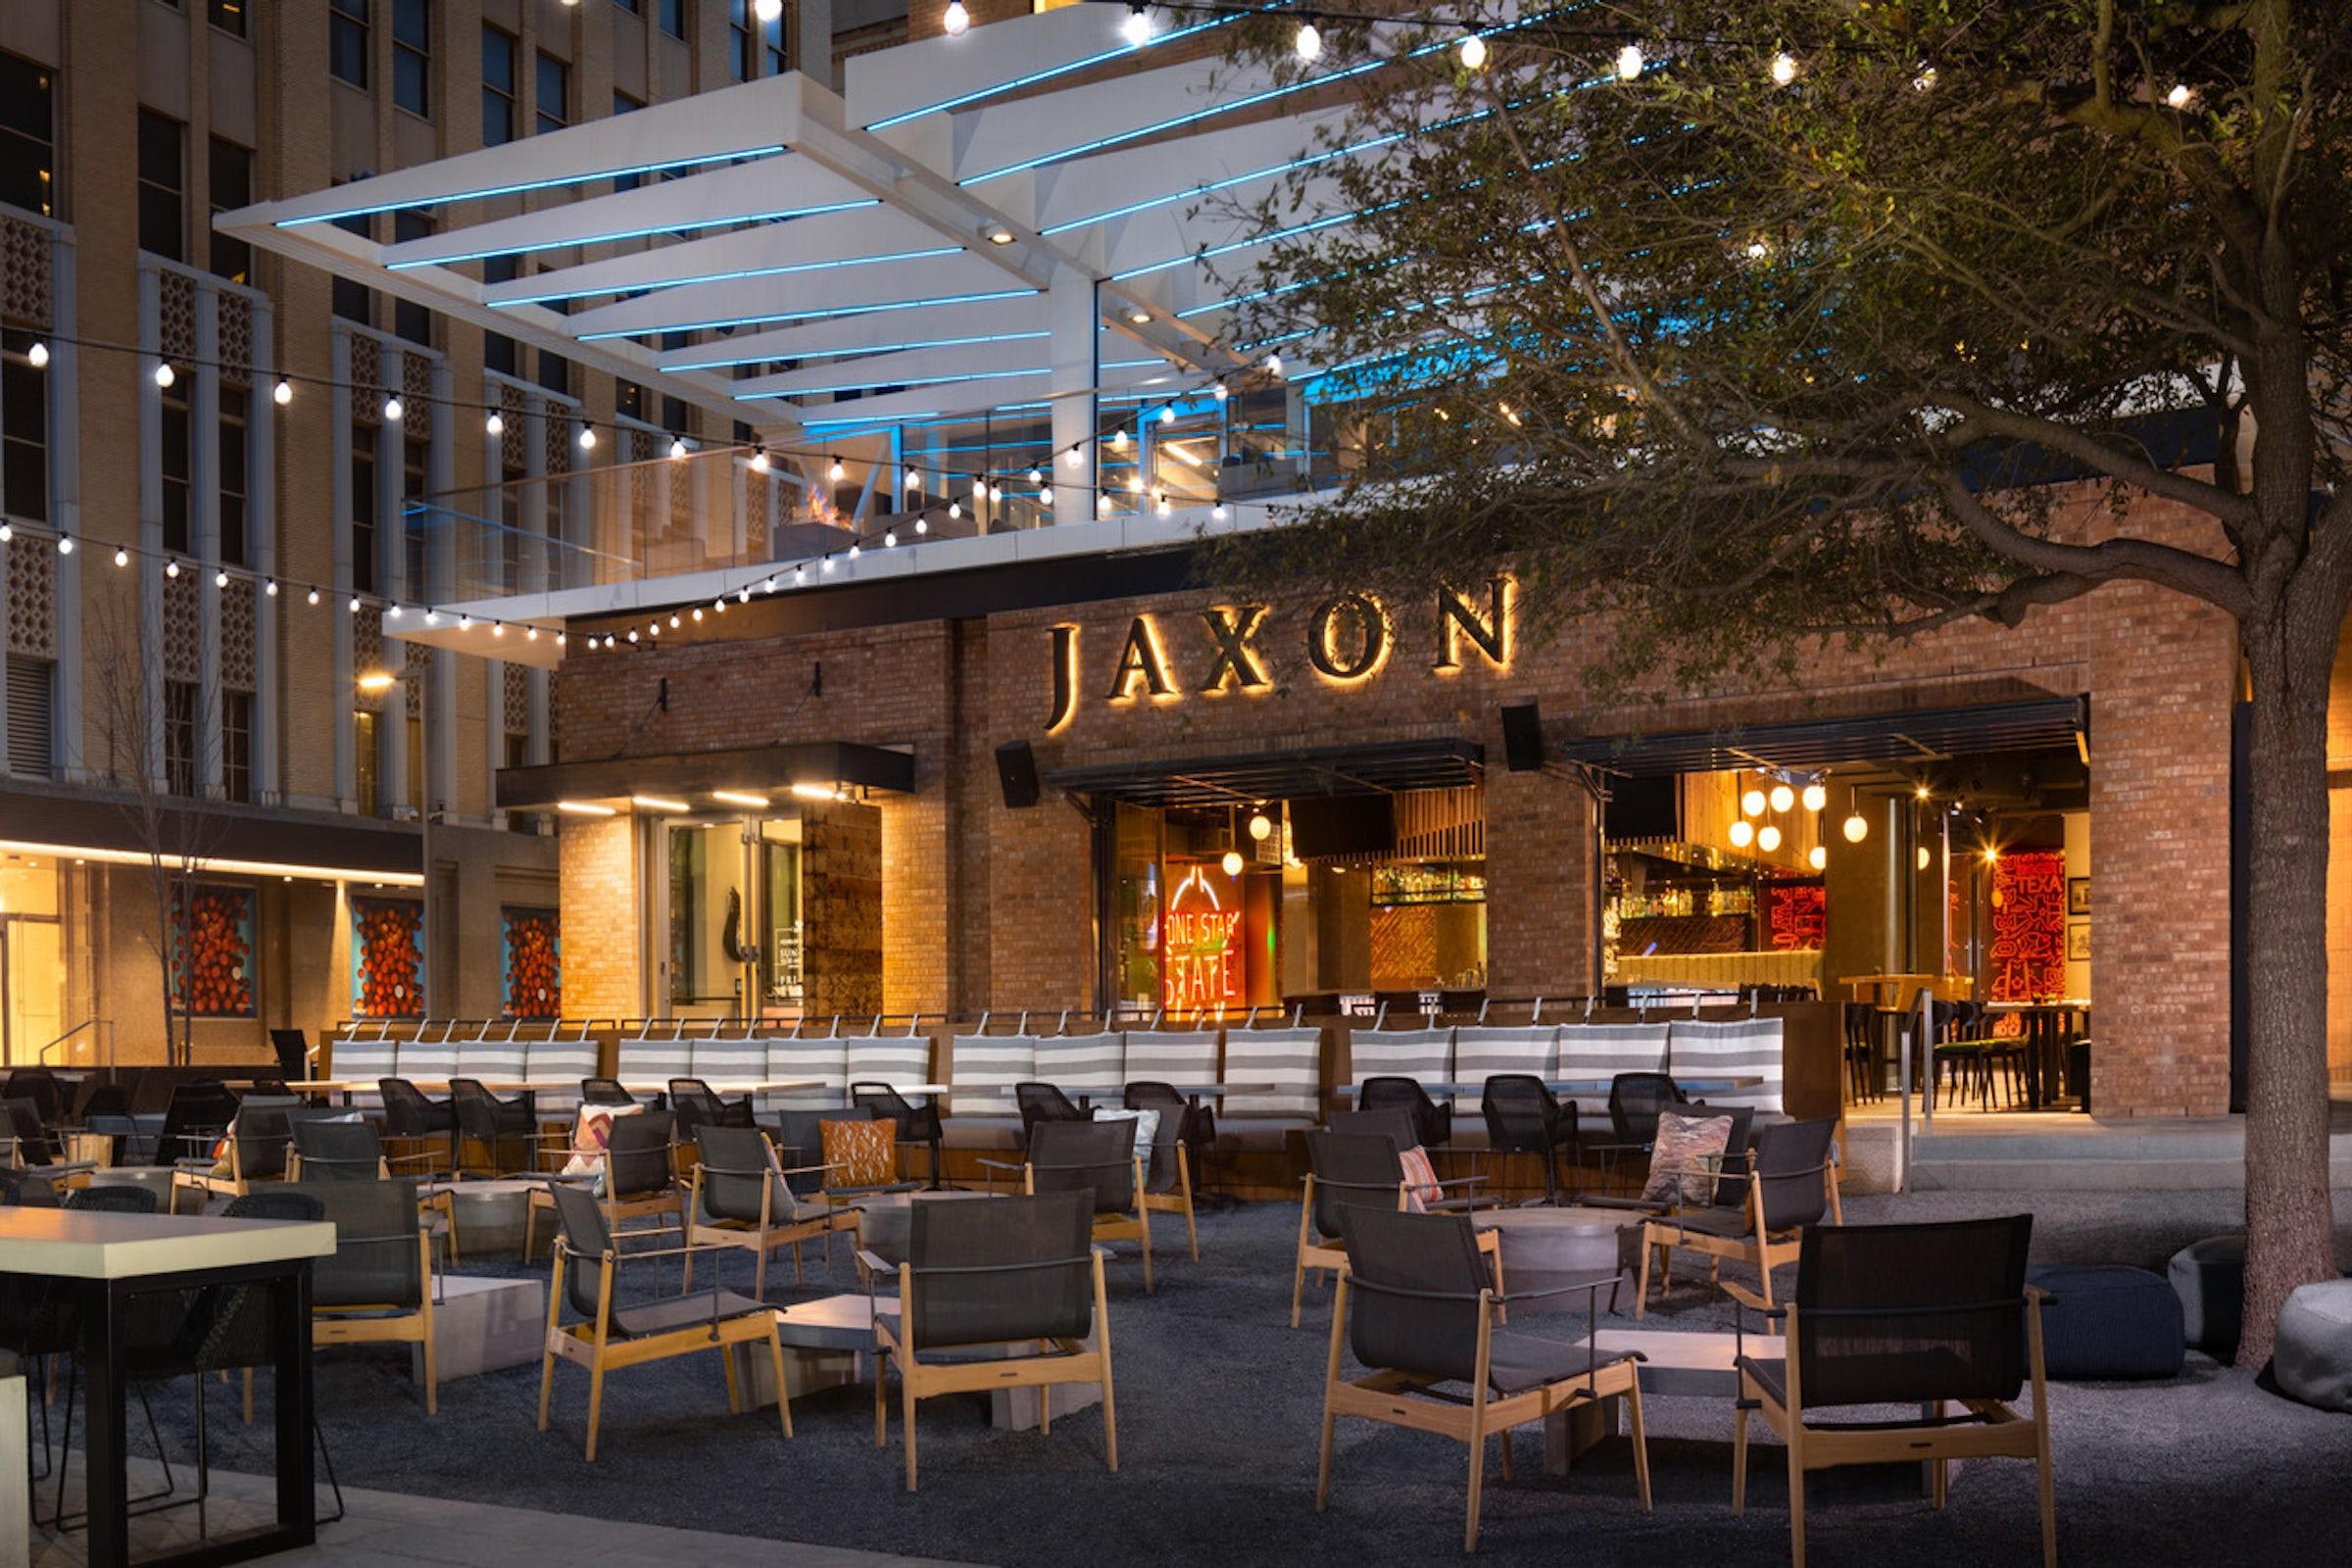 Jaxon Texas Kitchen & Beer Garden in Beyond Dallas